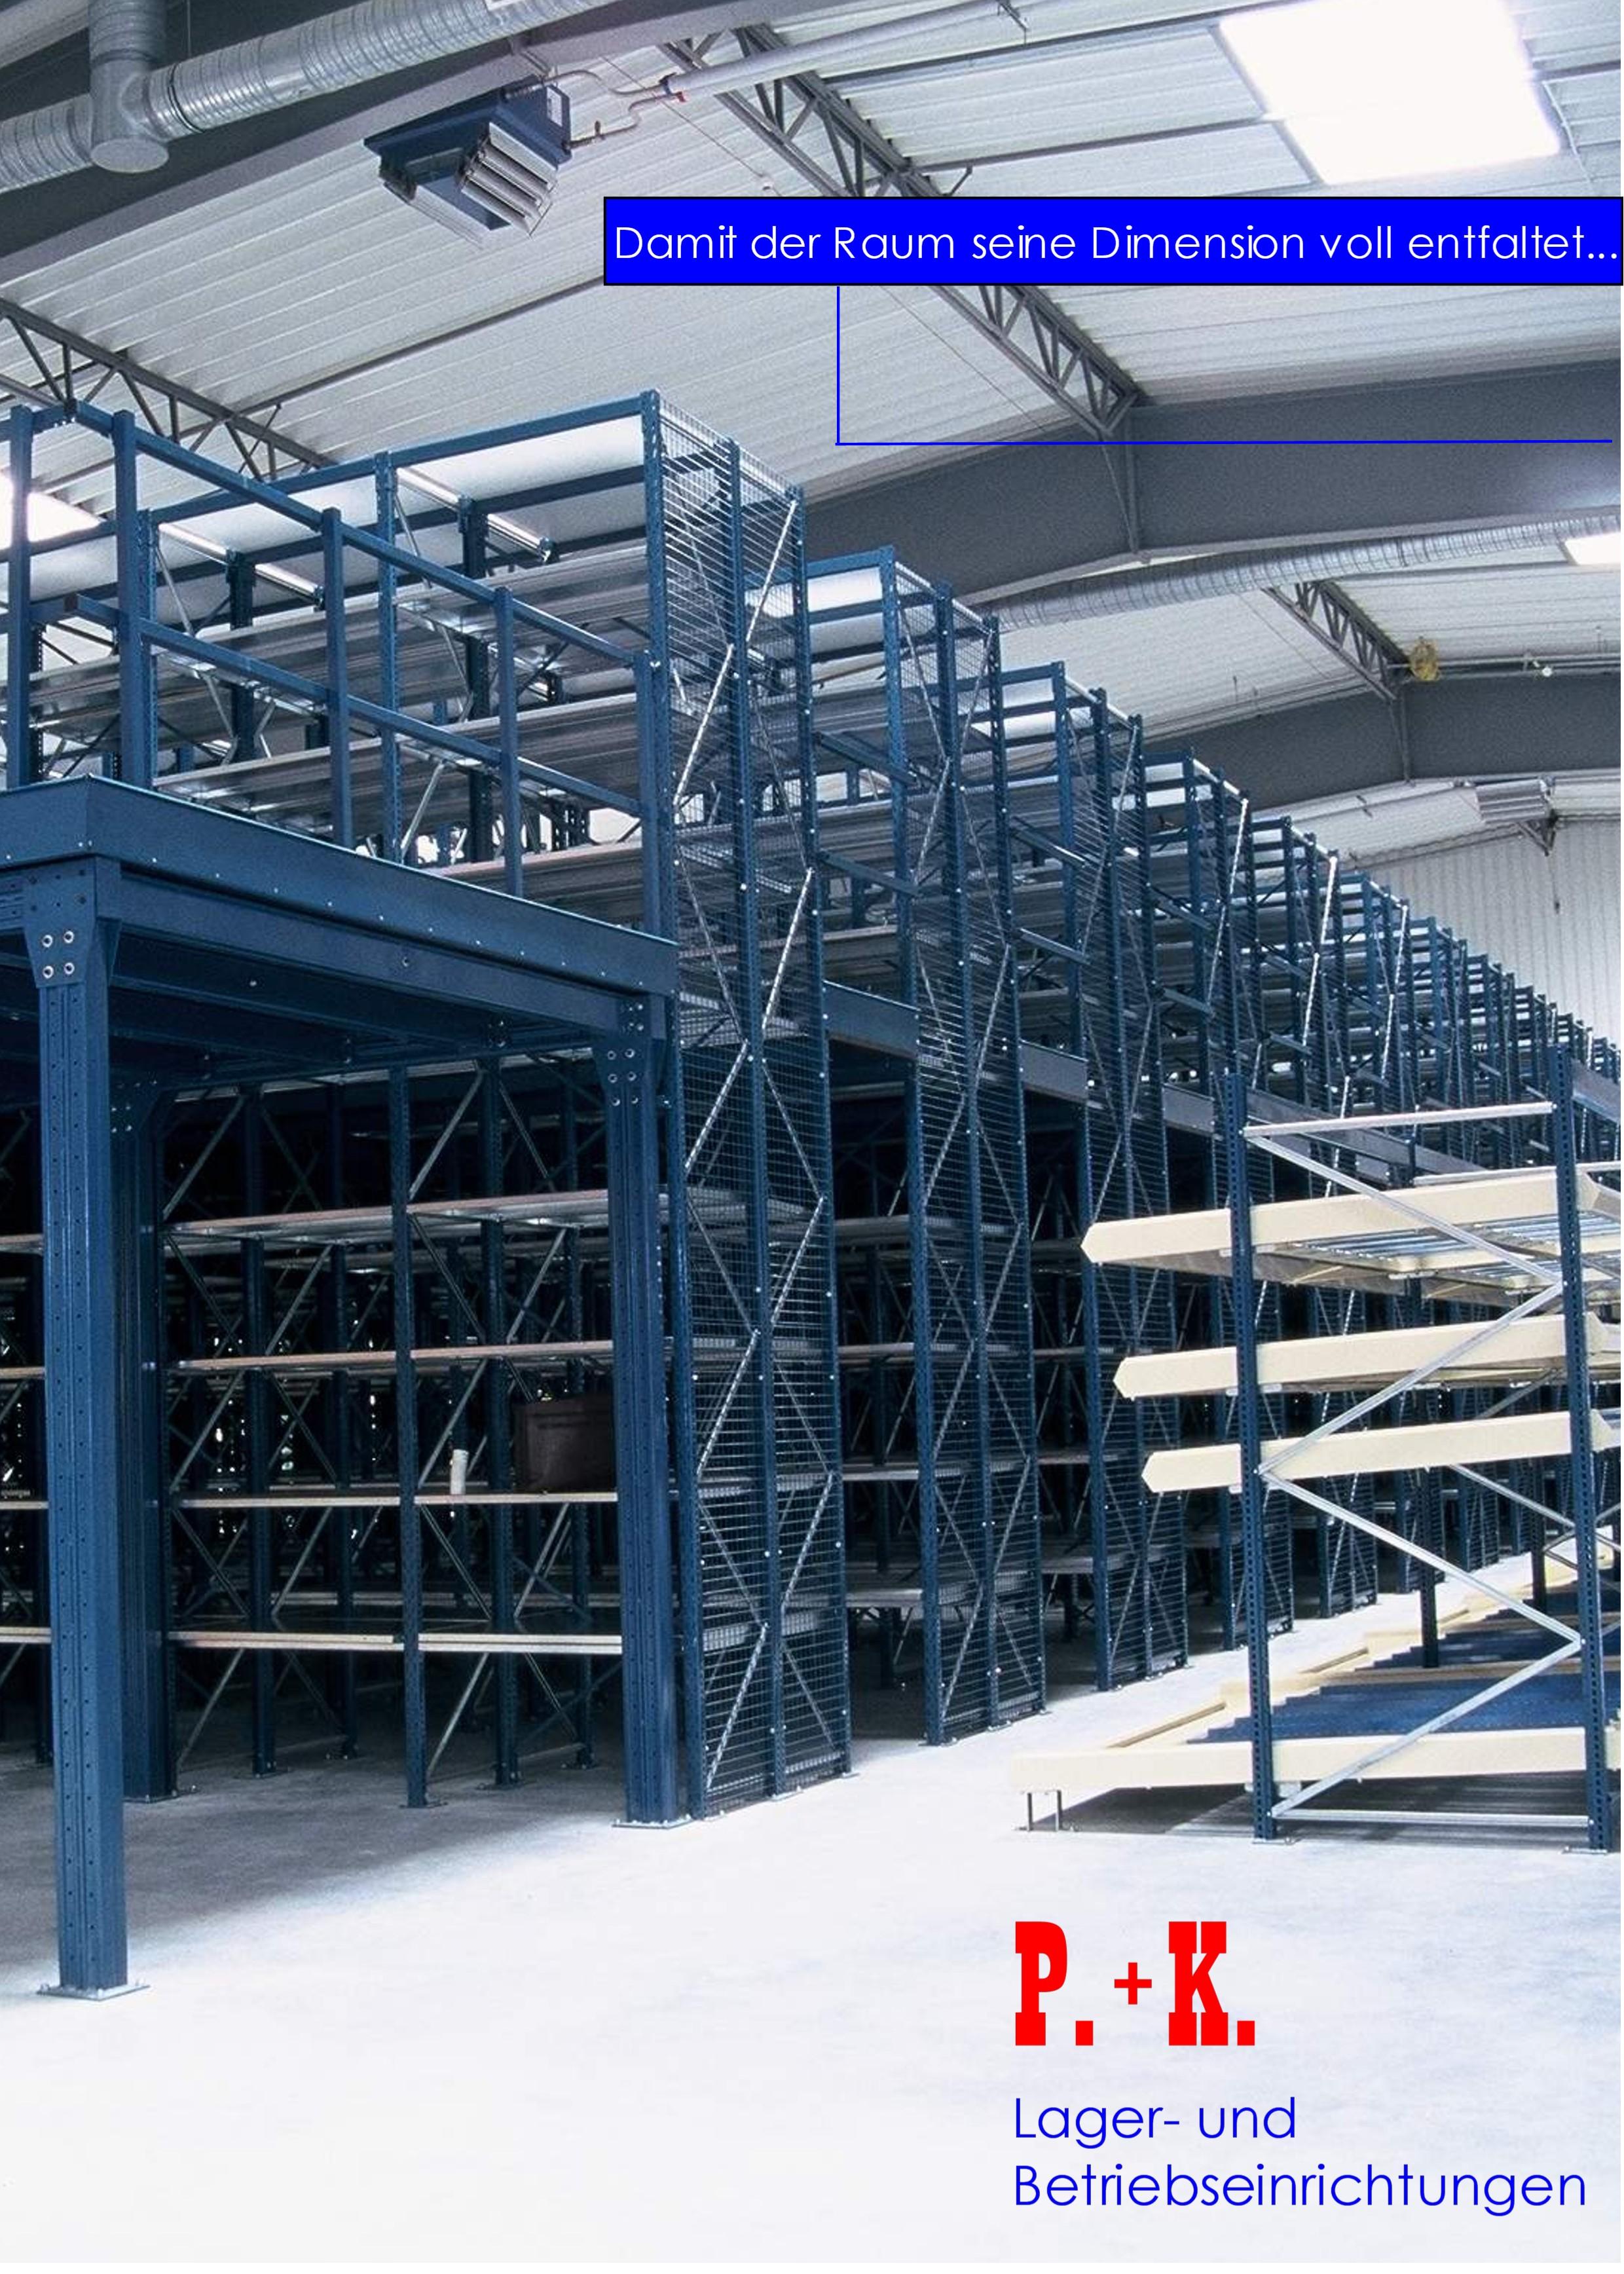 P. + K. Lager- und Betriebseinrichtungen GmbH & Co. KG